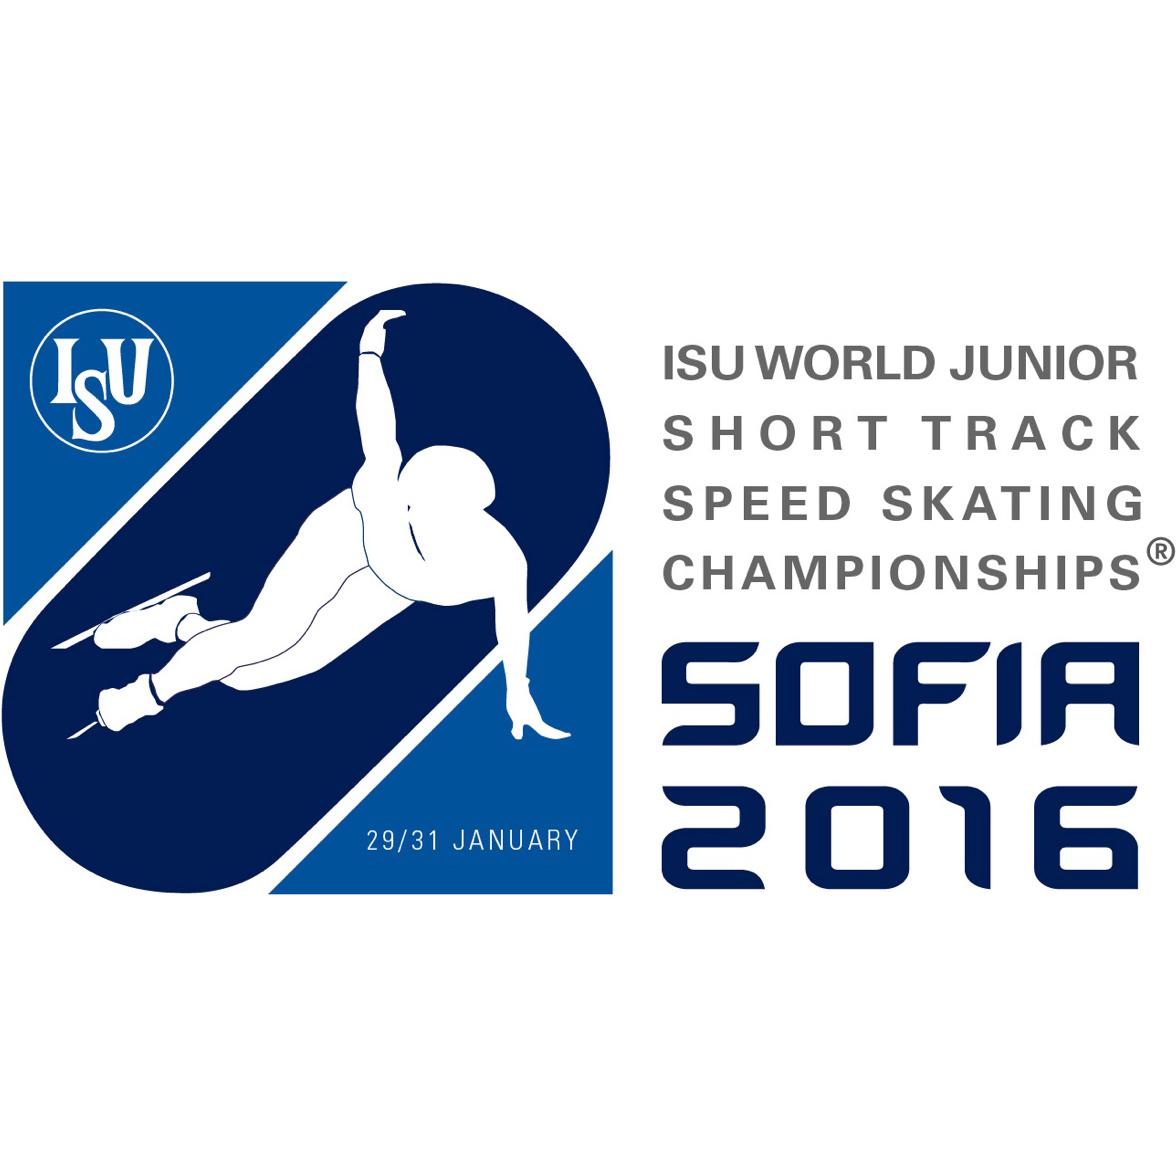 2016 World Junior Short Track Speed Skating Championships